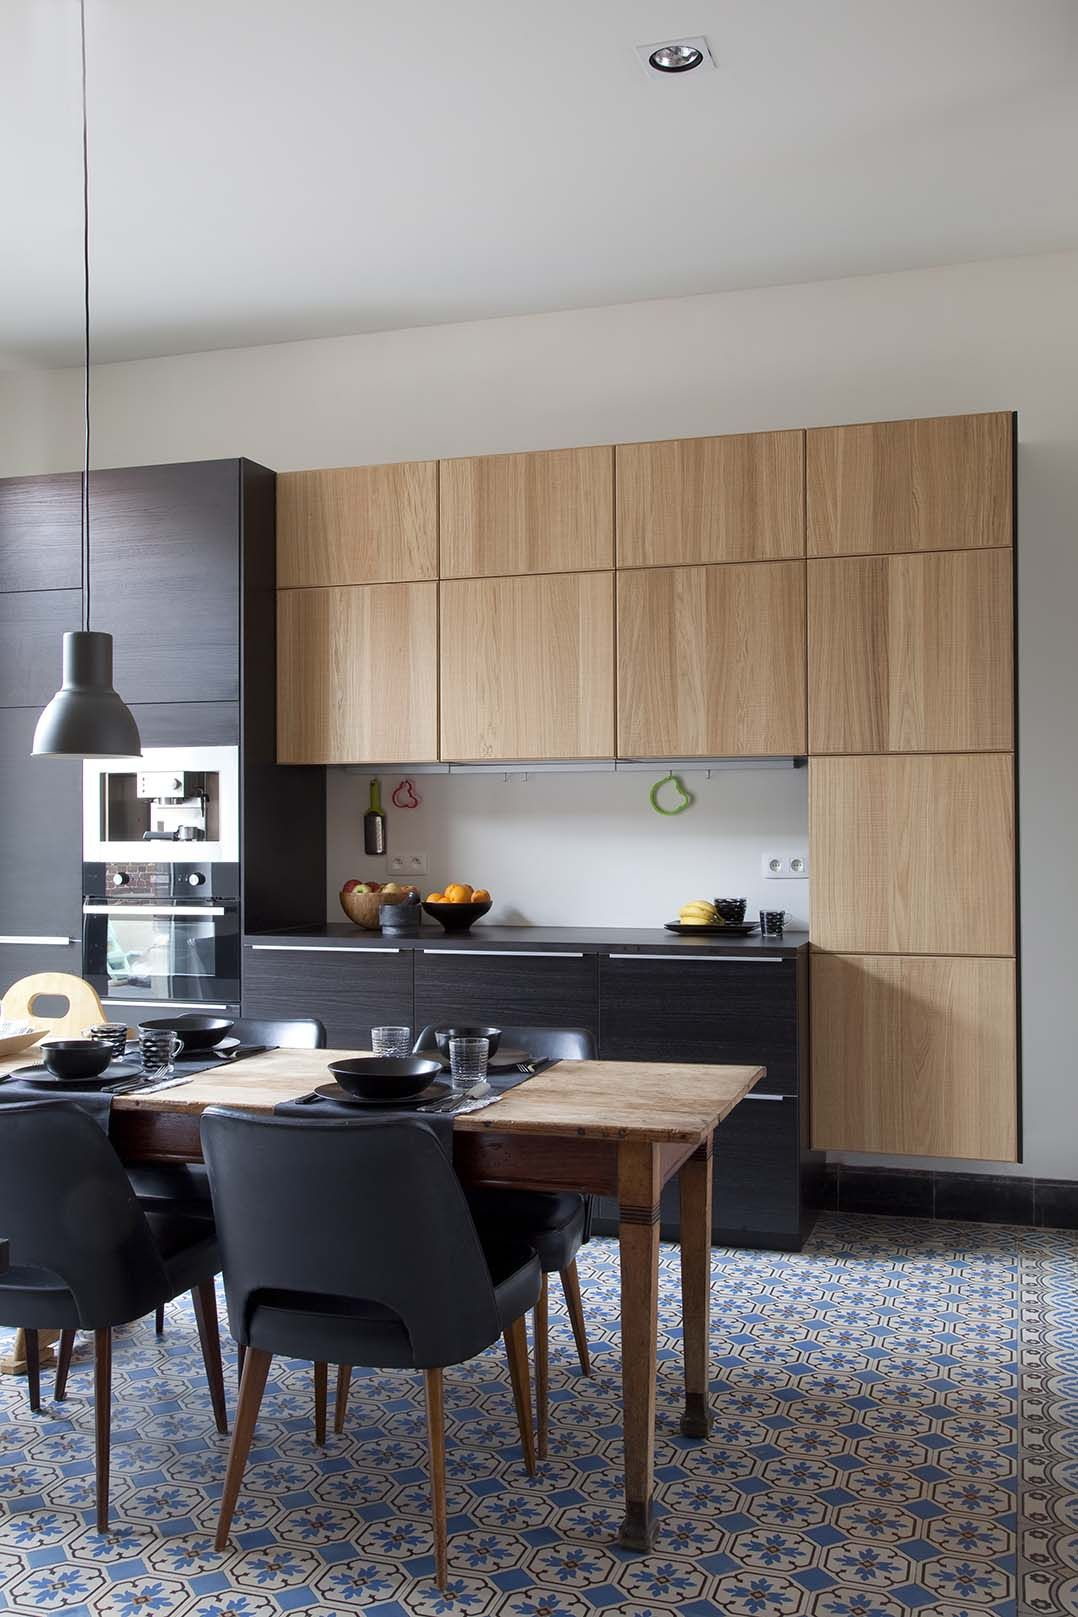 ikea kitchen | Küche | Innenarchitektur küche, Küche neu ...